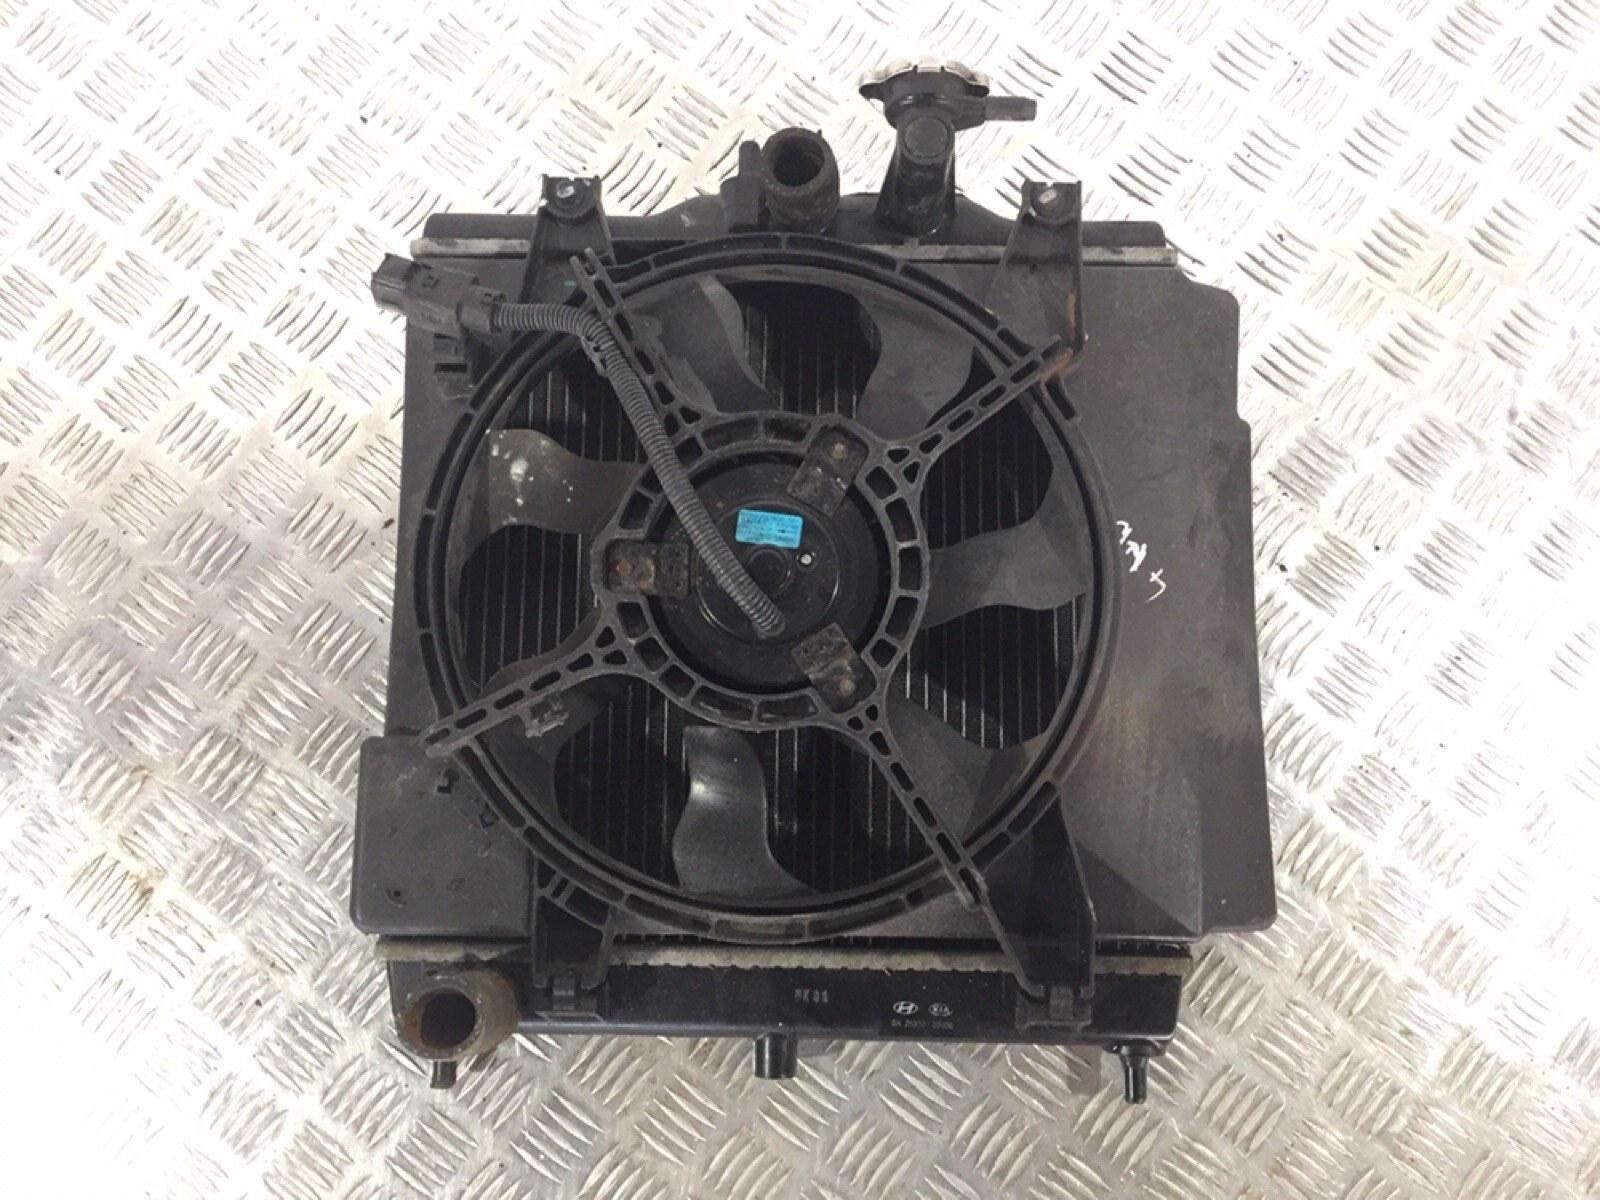 Вентилятор радиатора Kia Picanto 1.0 I 2007 (б/у)